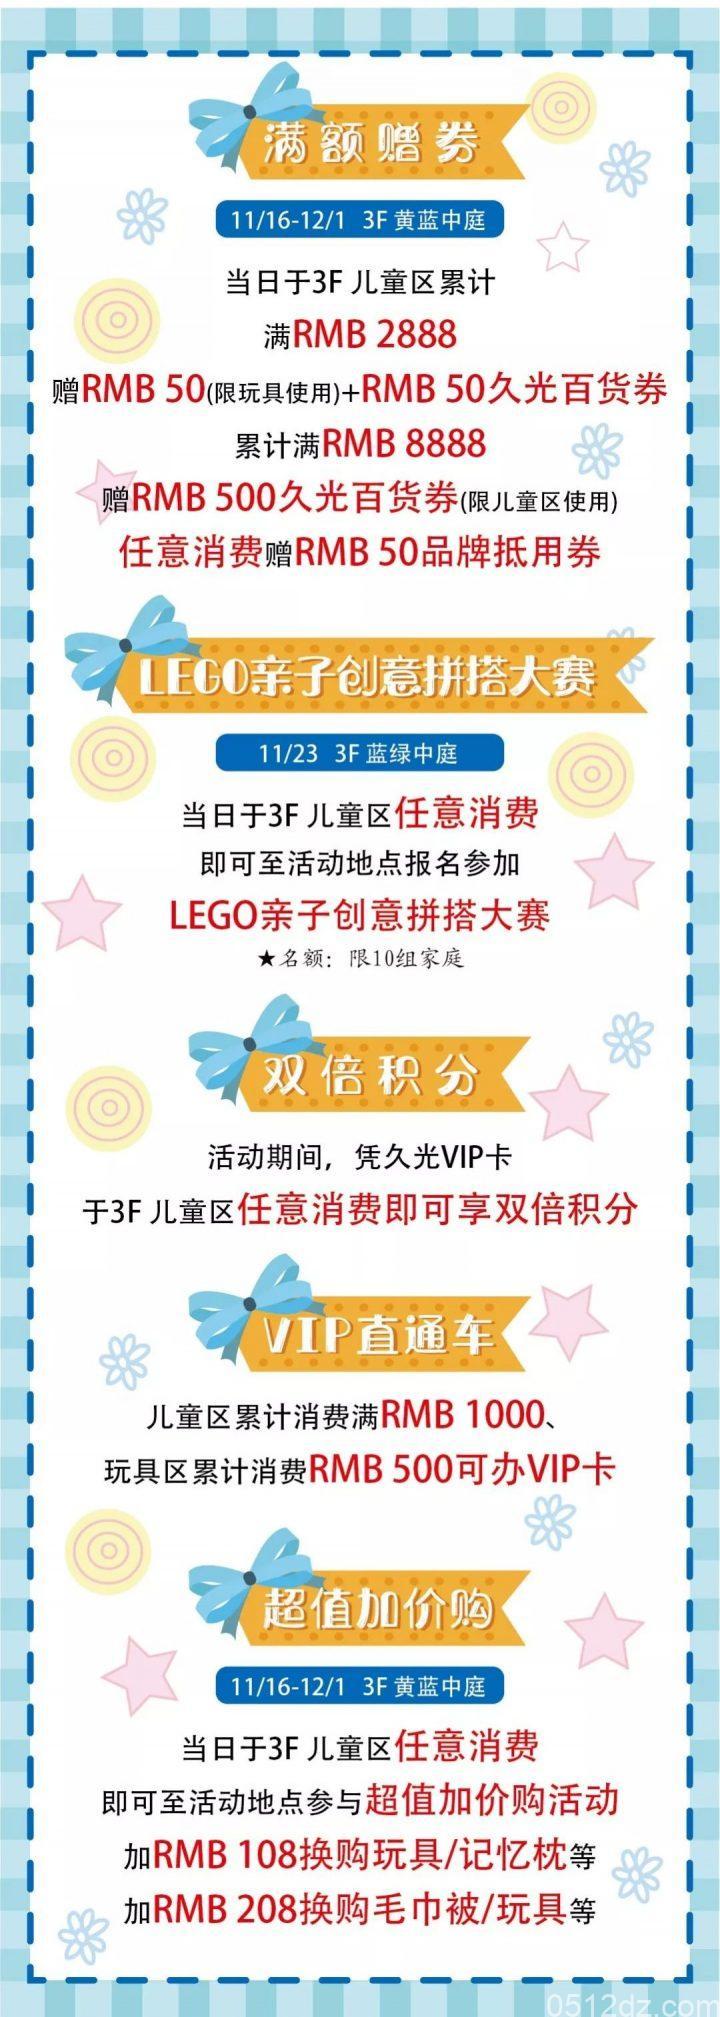 苏州久光百货宝宝购物节